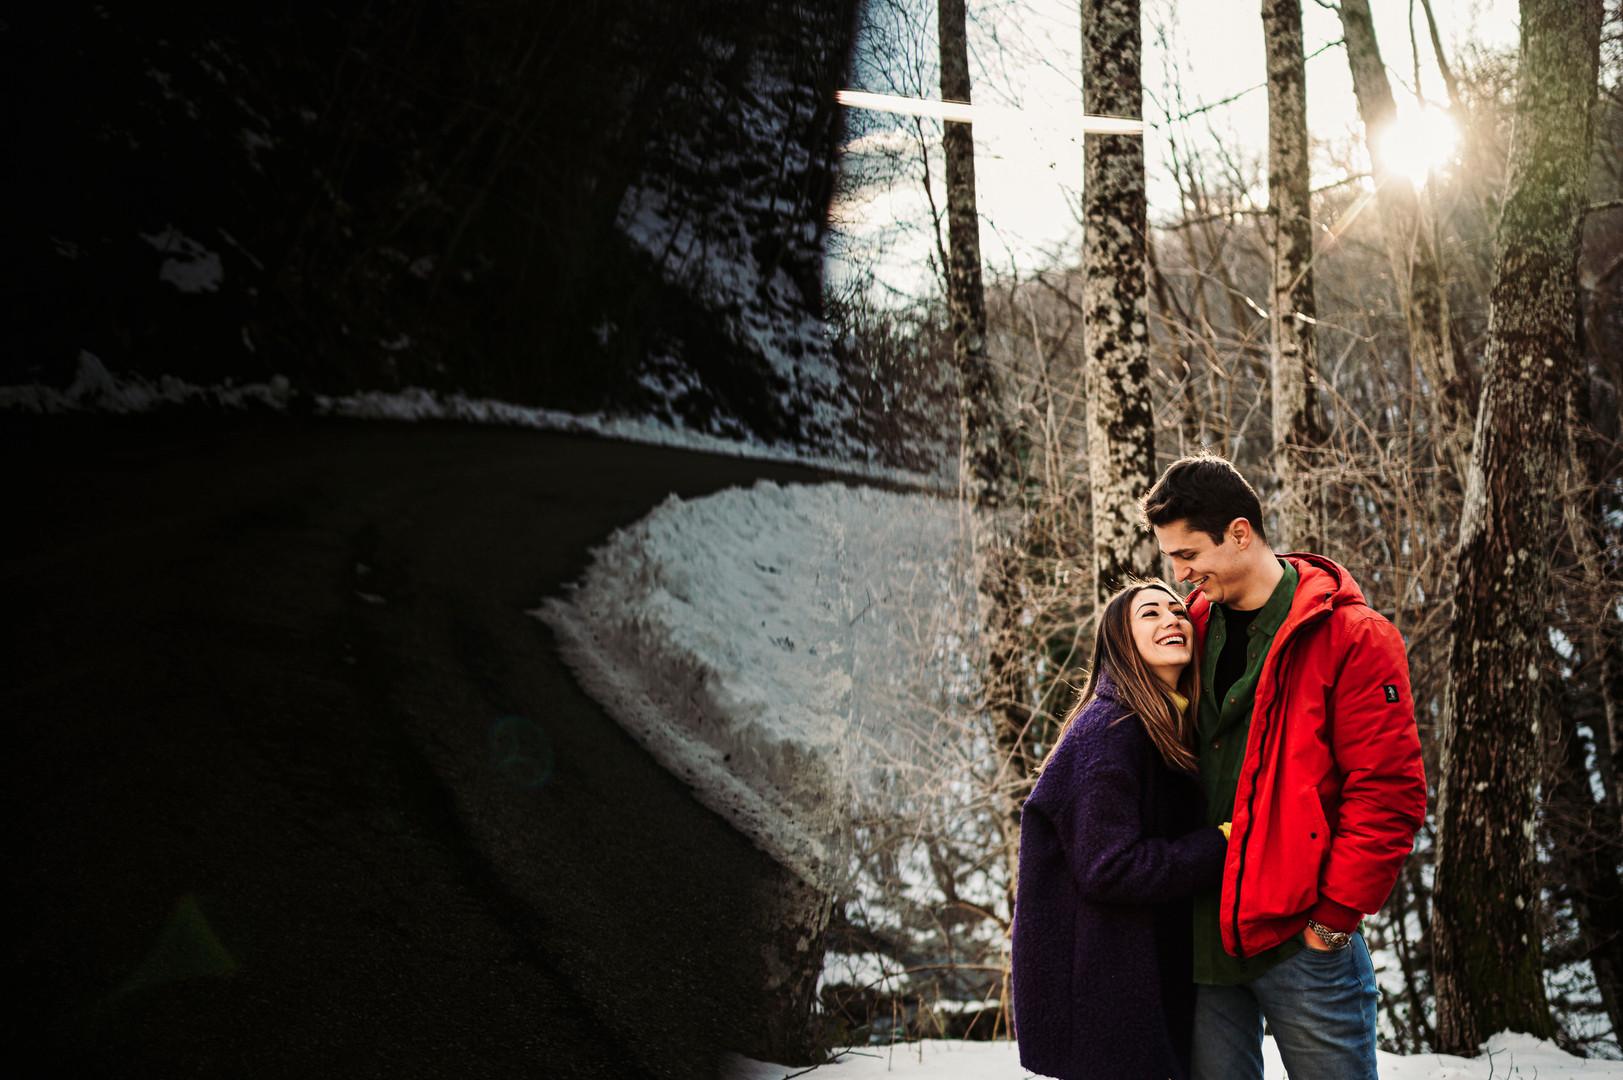 servizio fotografico nella neve8.jpg